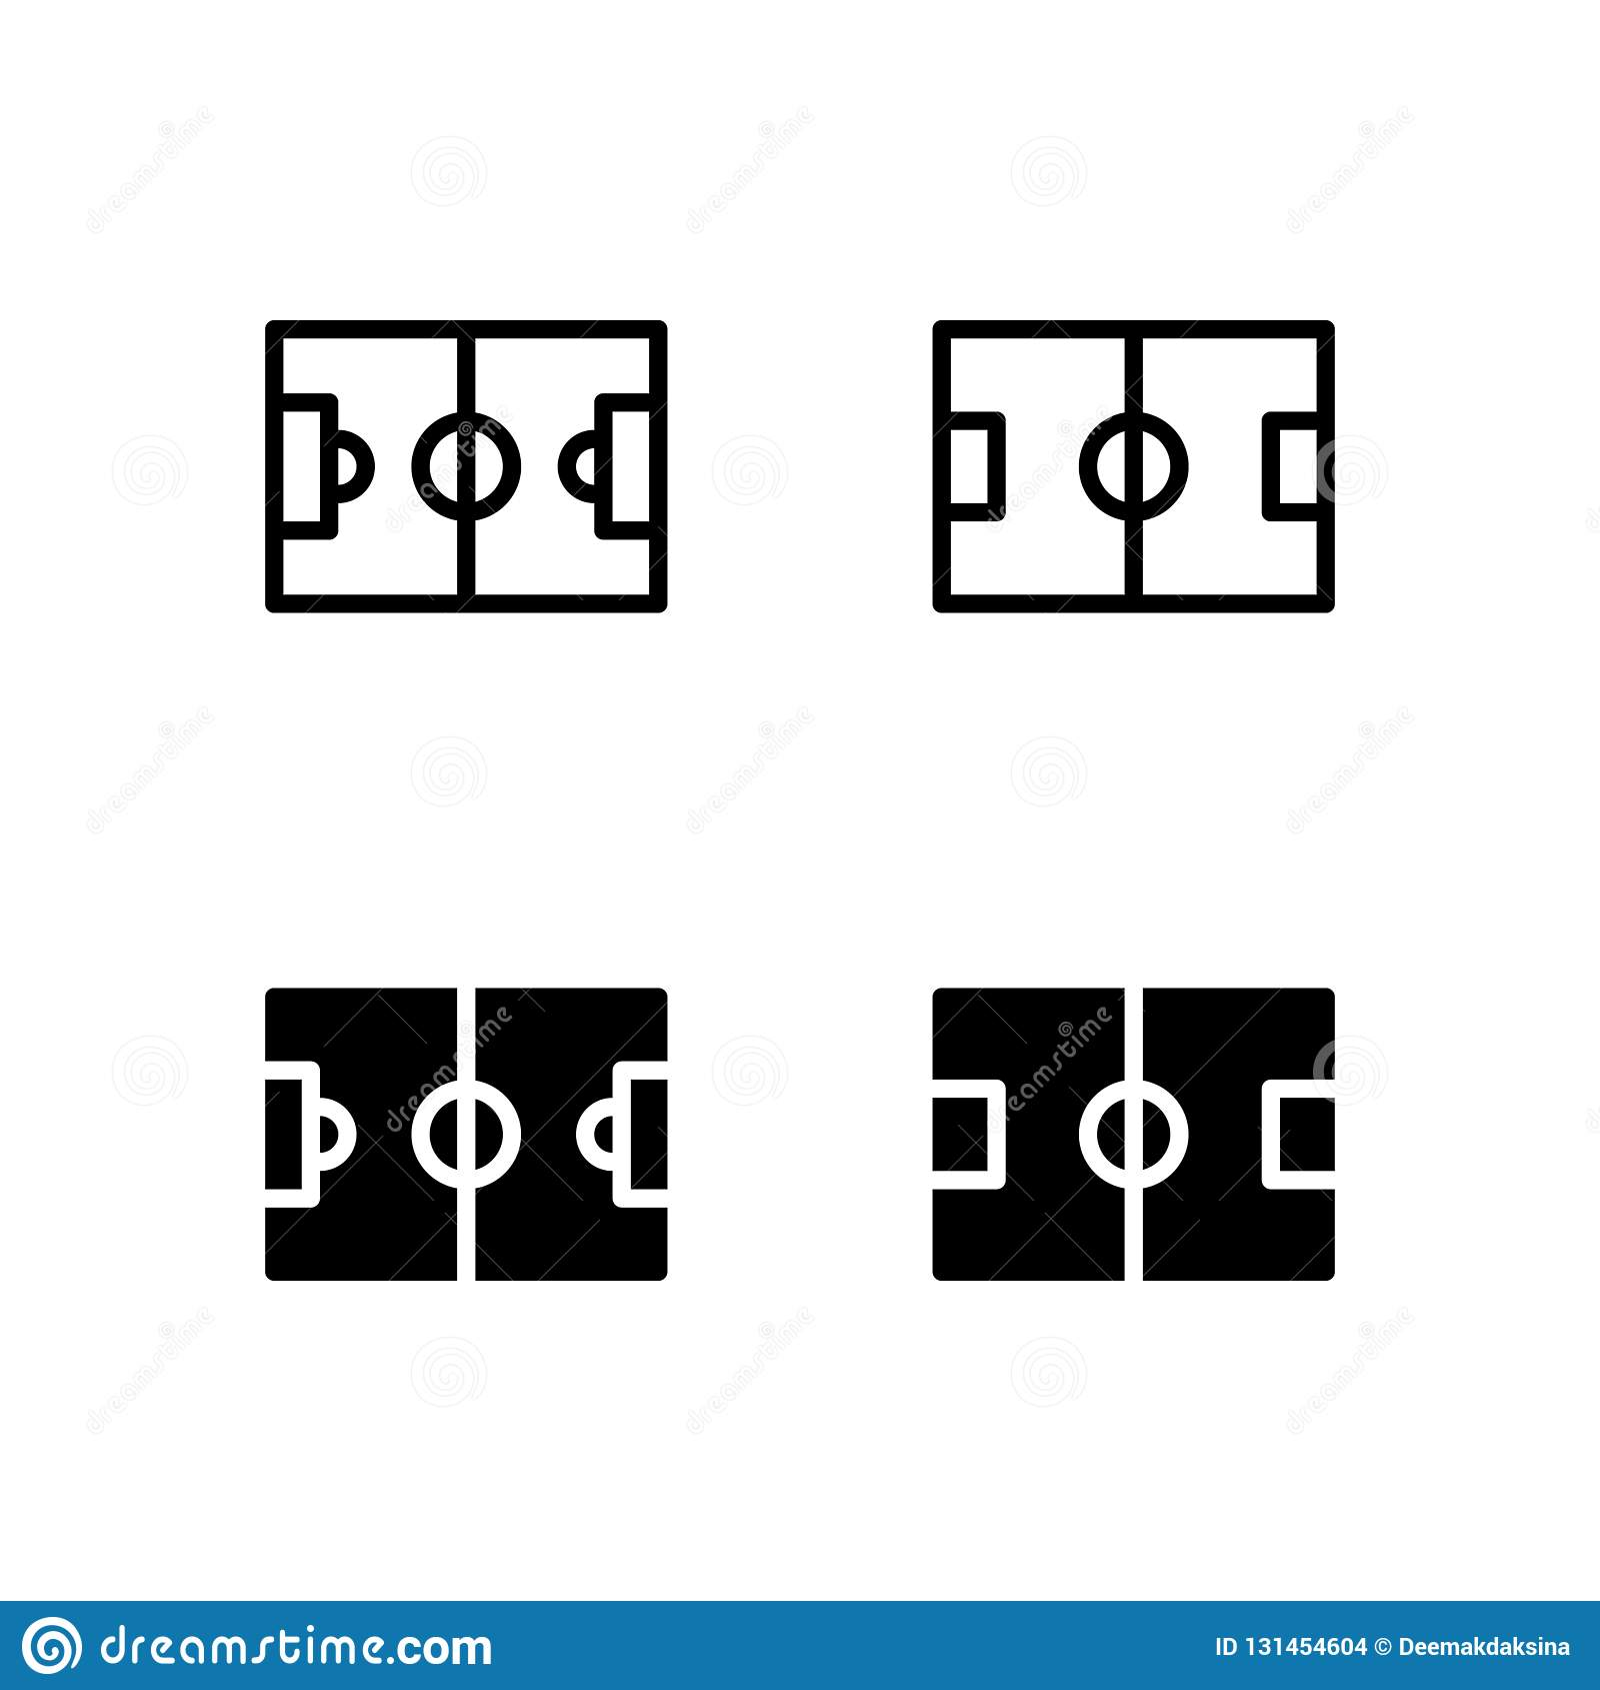 Icono Logo Vector Symbol Isolated del campo de fútbol en el fondo blanco